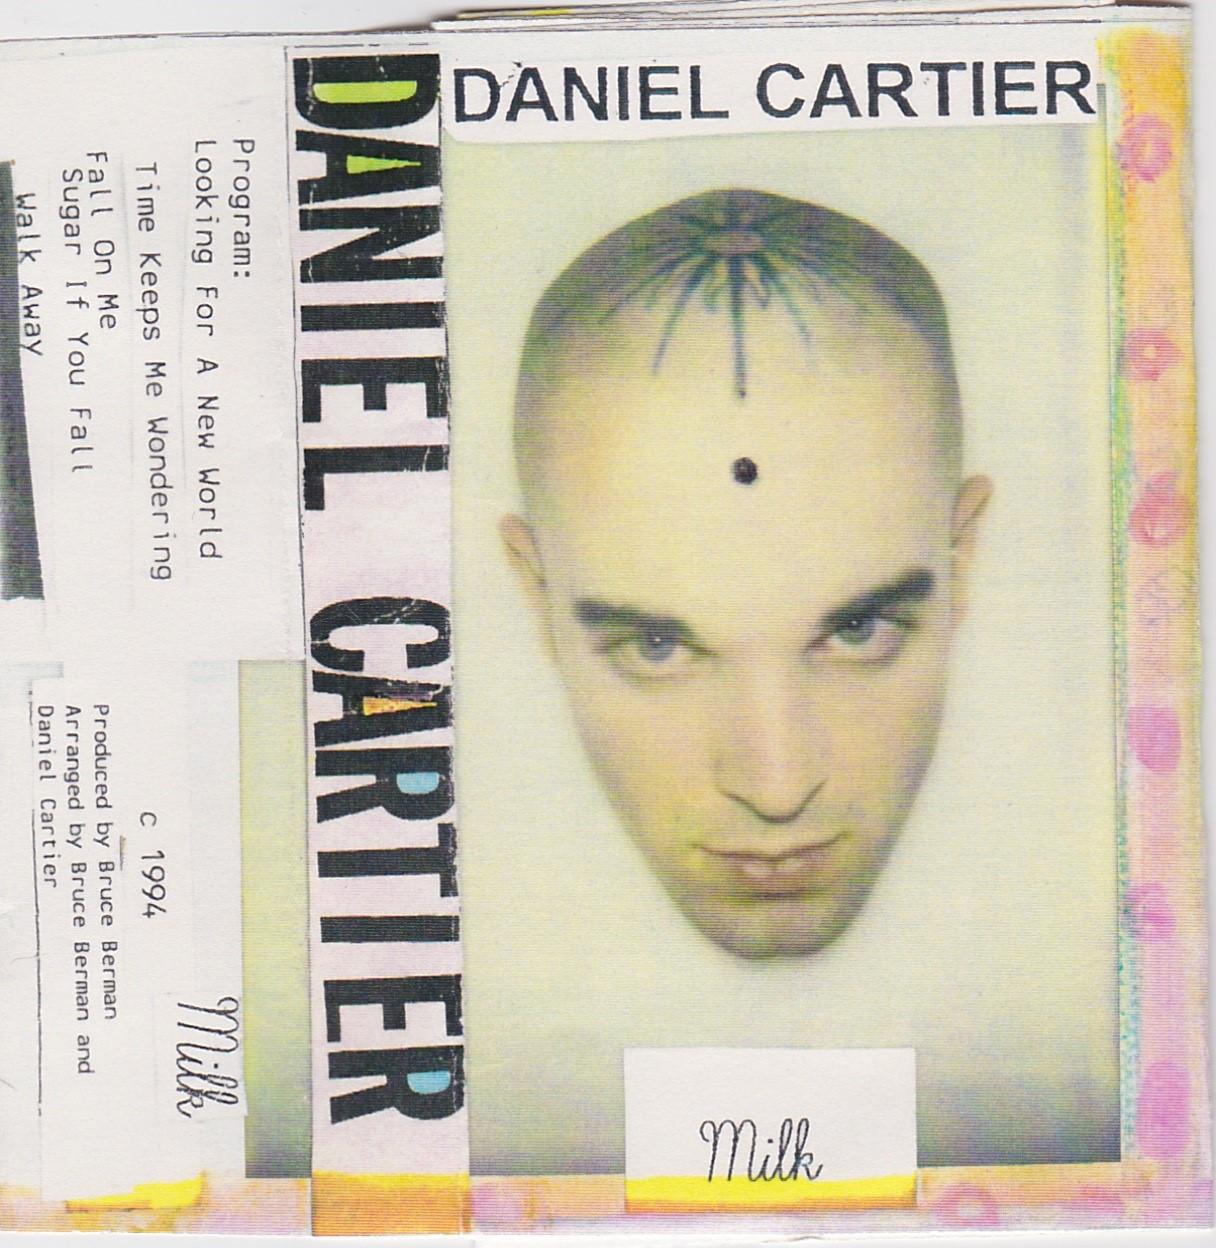 Daniel Cartier, Milk, 1994